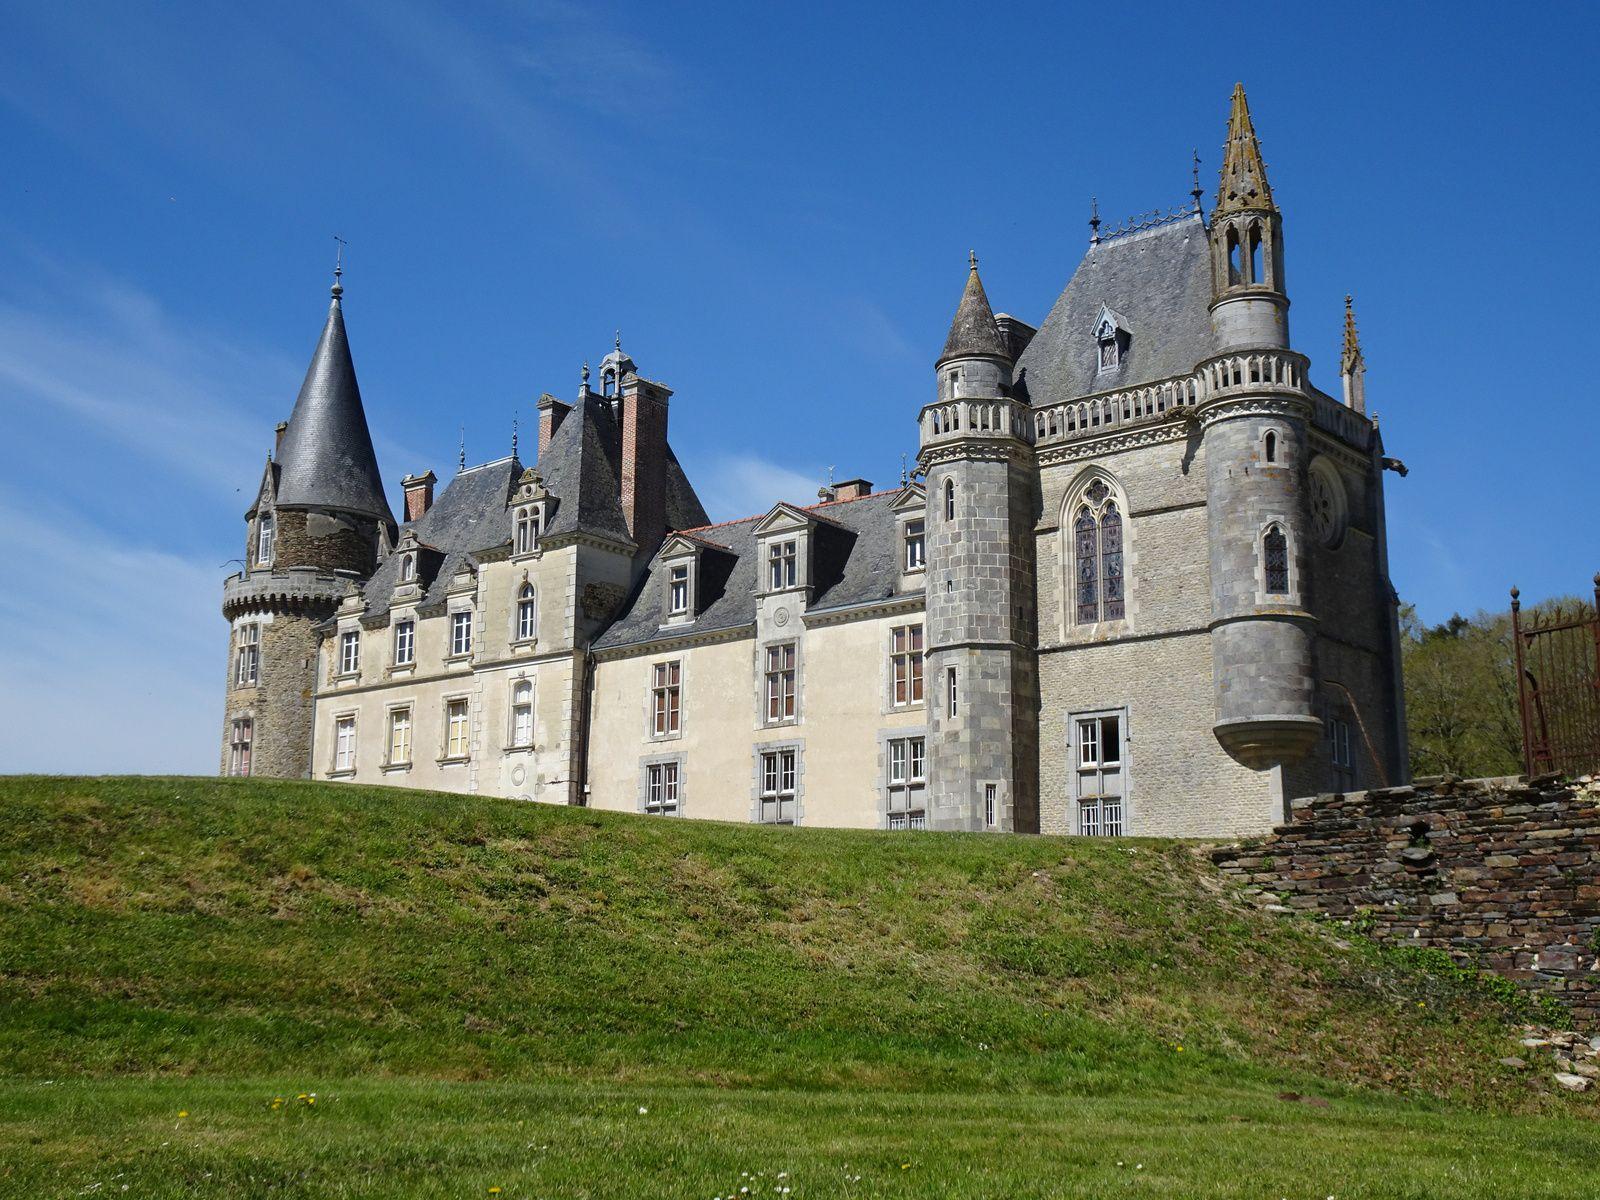 Boucle locale - Manoirs et Châteaux - 59,3 km